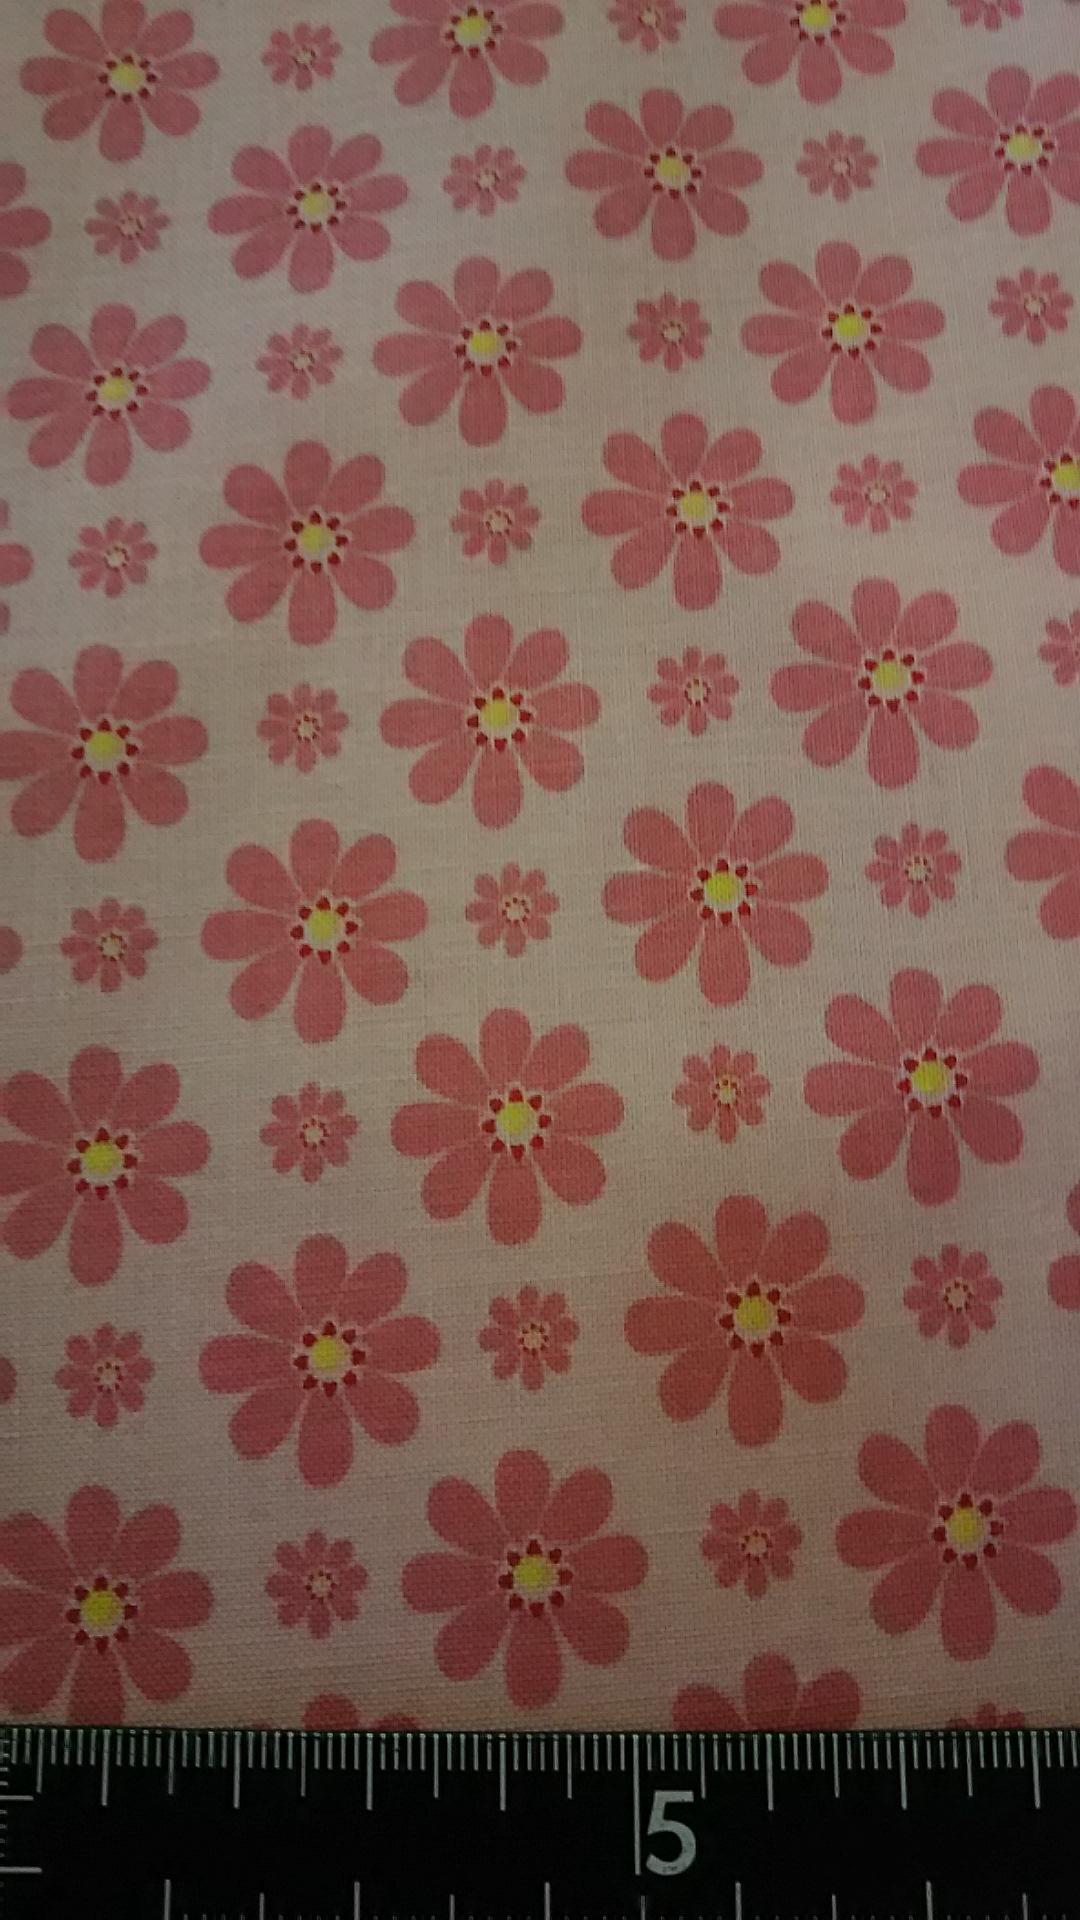 ピンク地ピンクデイジー柄の布地